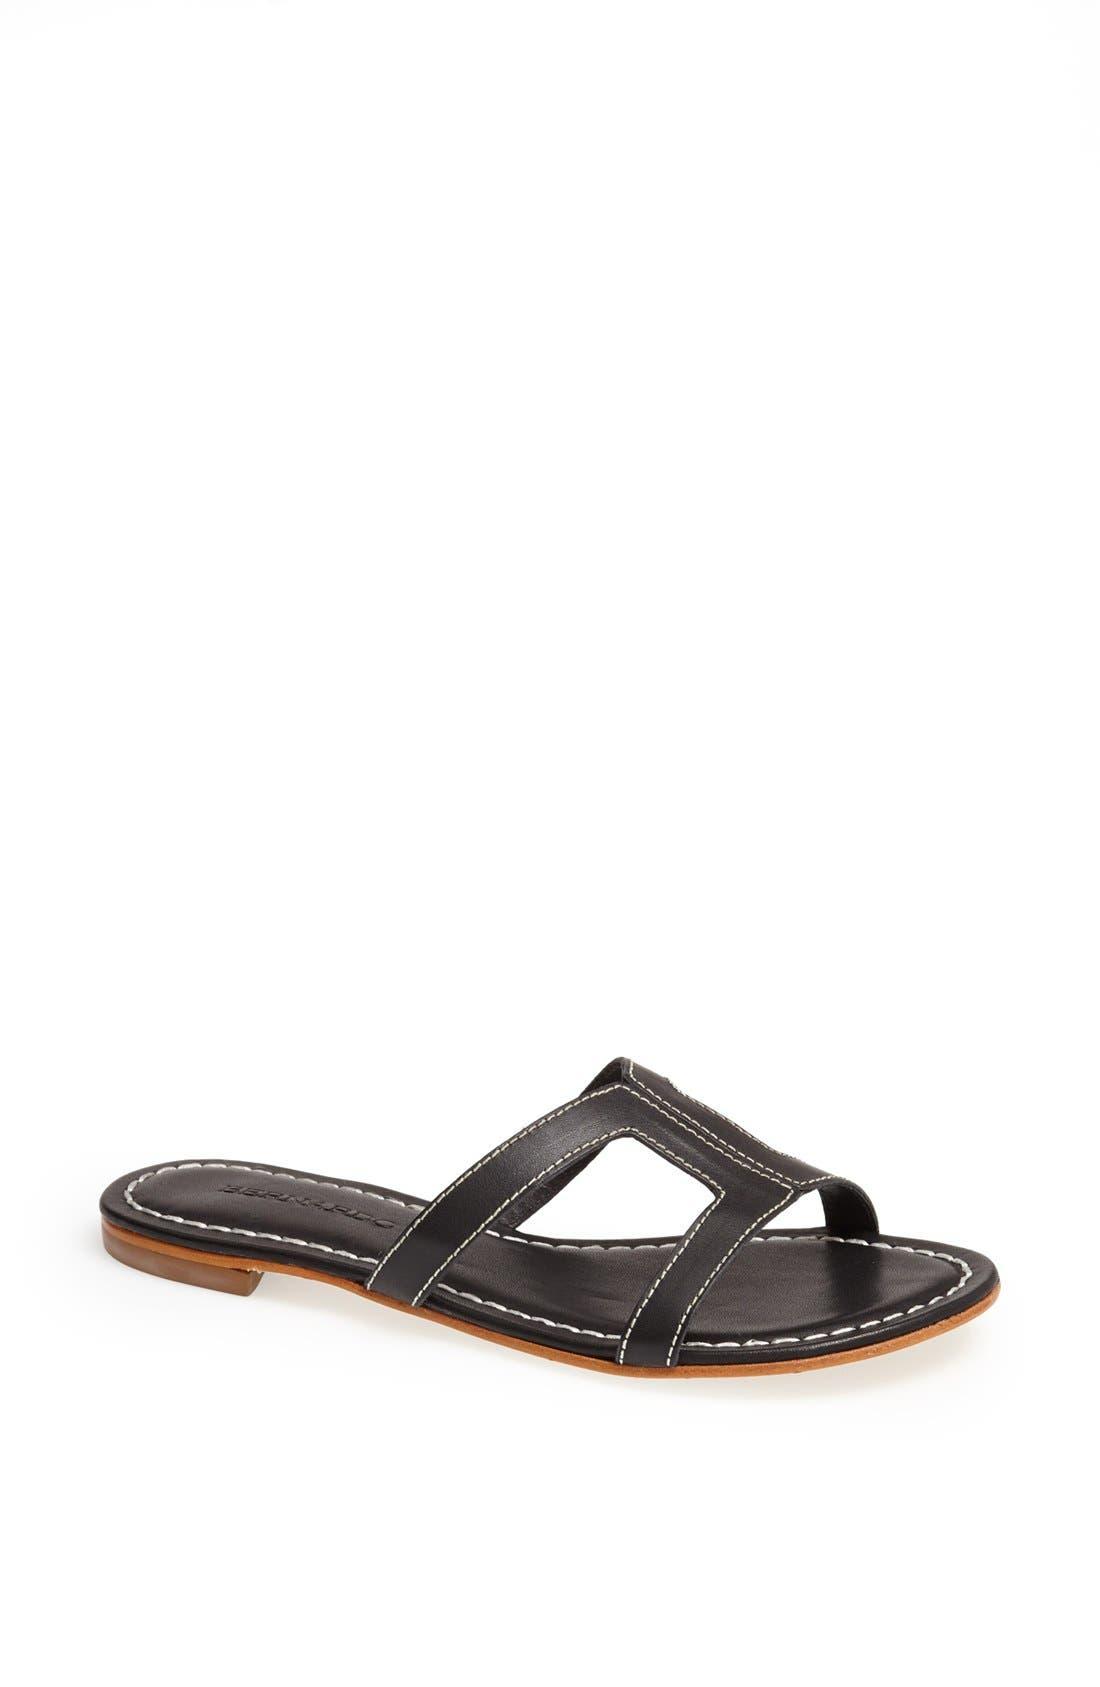 Main Image - Bernardo Footwear Winthorpe Sandal